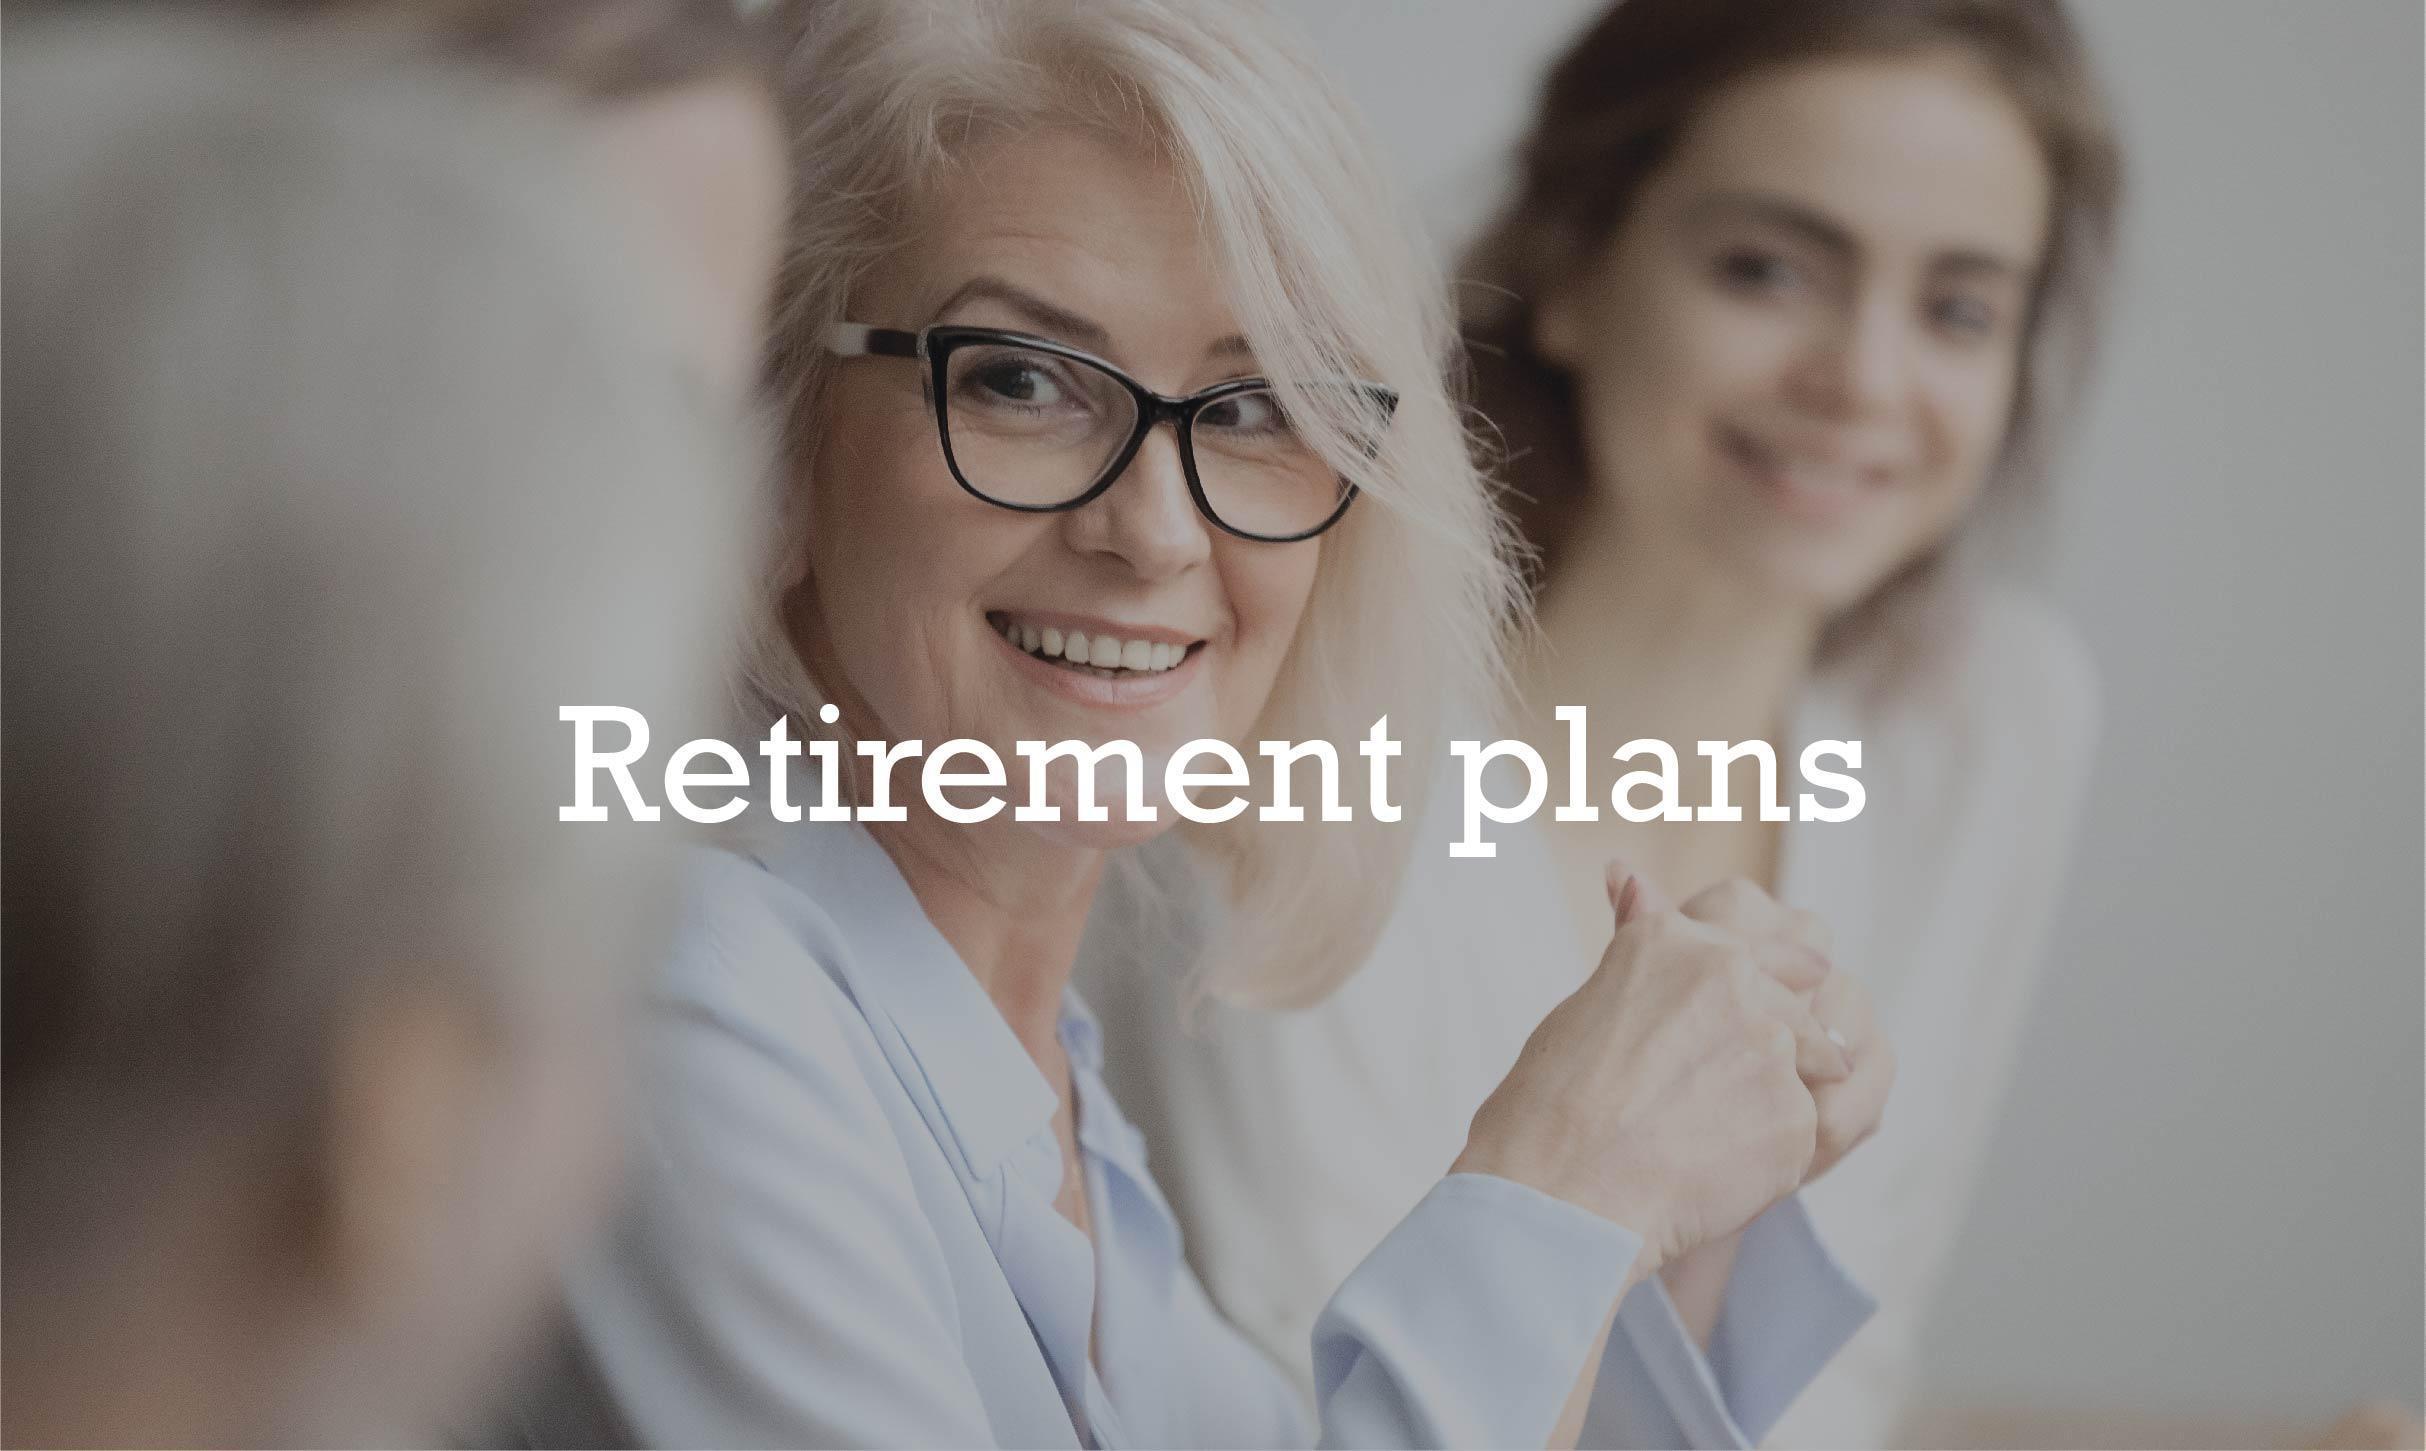 Retirement Plans Image